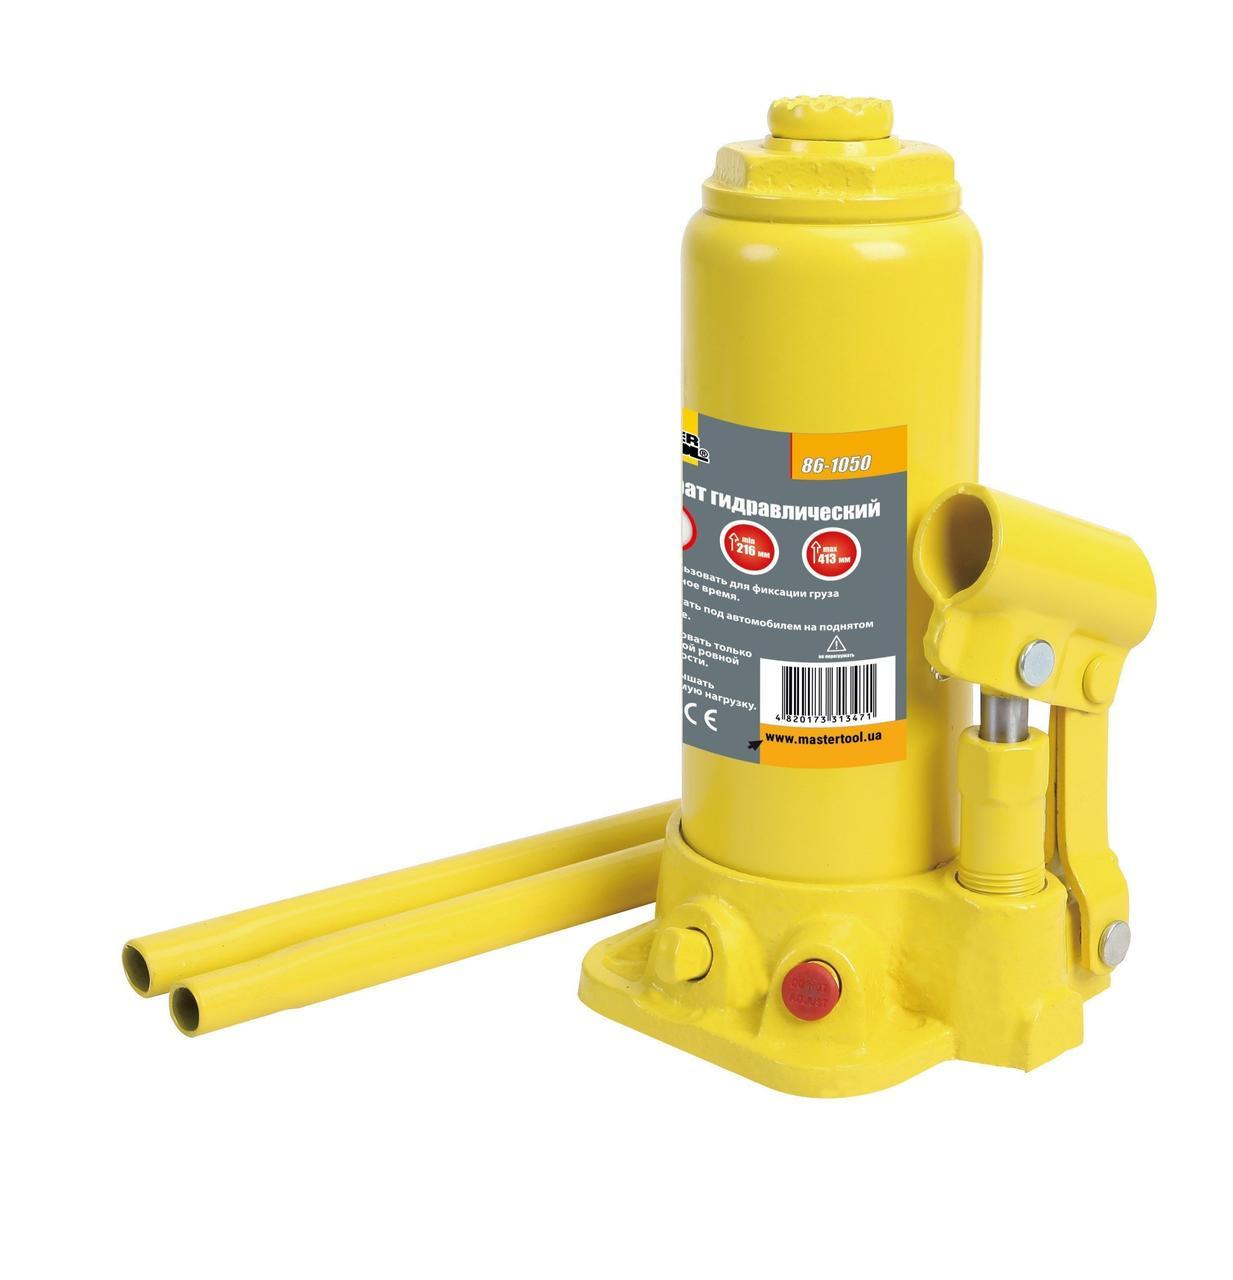 Домкрат гидравлический бутылочный в пластиковом кейсе, 5 т